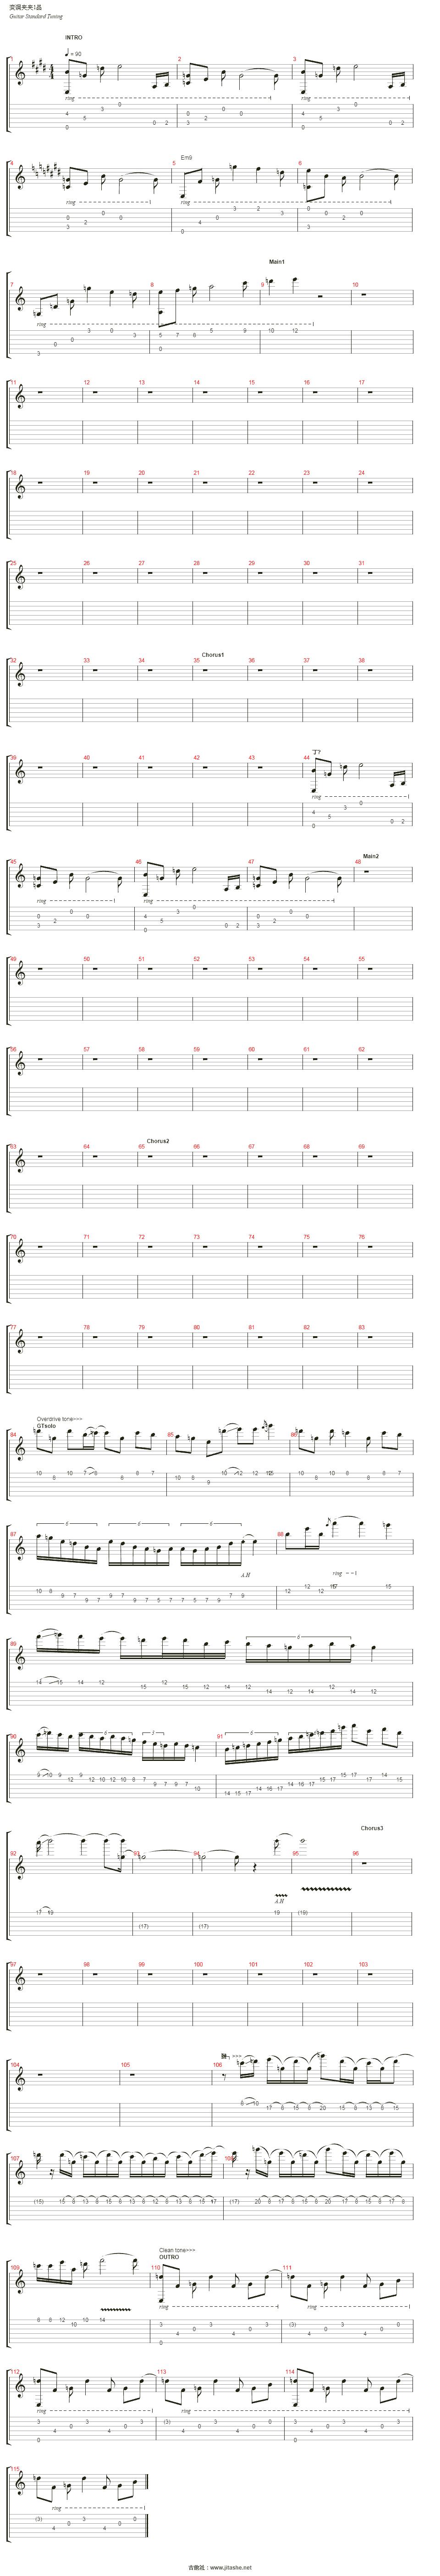 作曲:hiroyuki hamamoto 节拍:♩ = 90 key:252 和弦:f c# em9